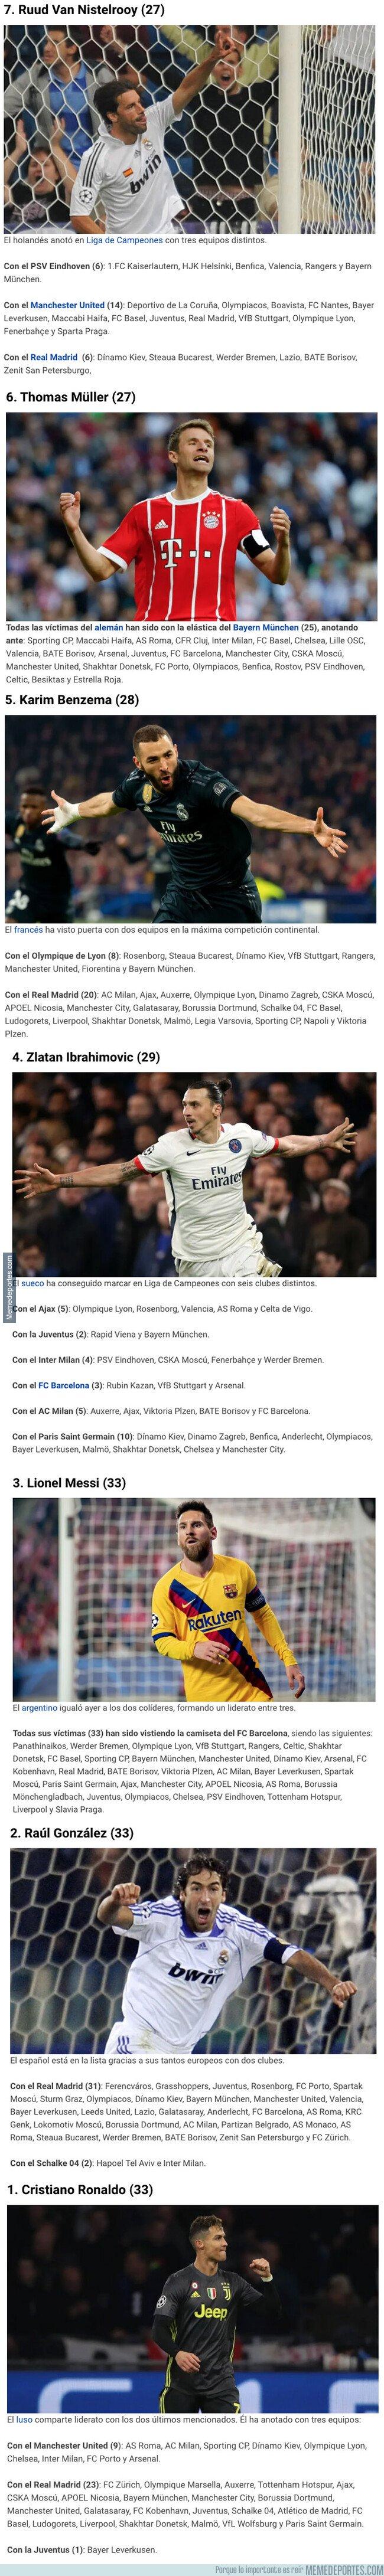 1089183 - Los 7 futbolistas que han marcado a más equipos diferentes en Champions League